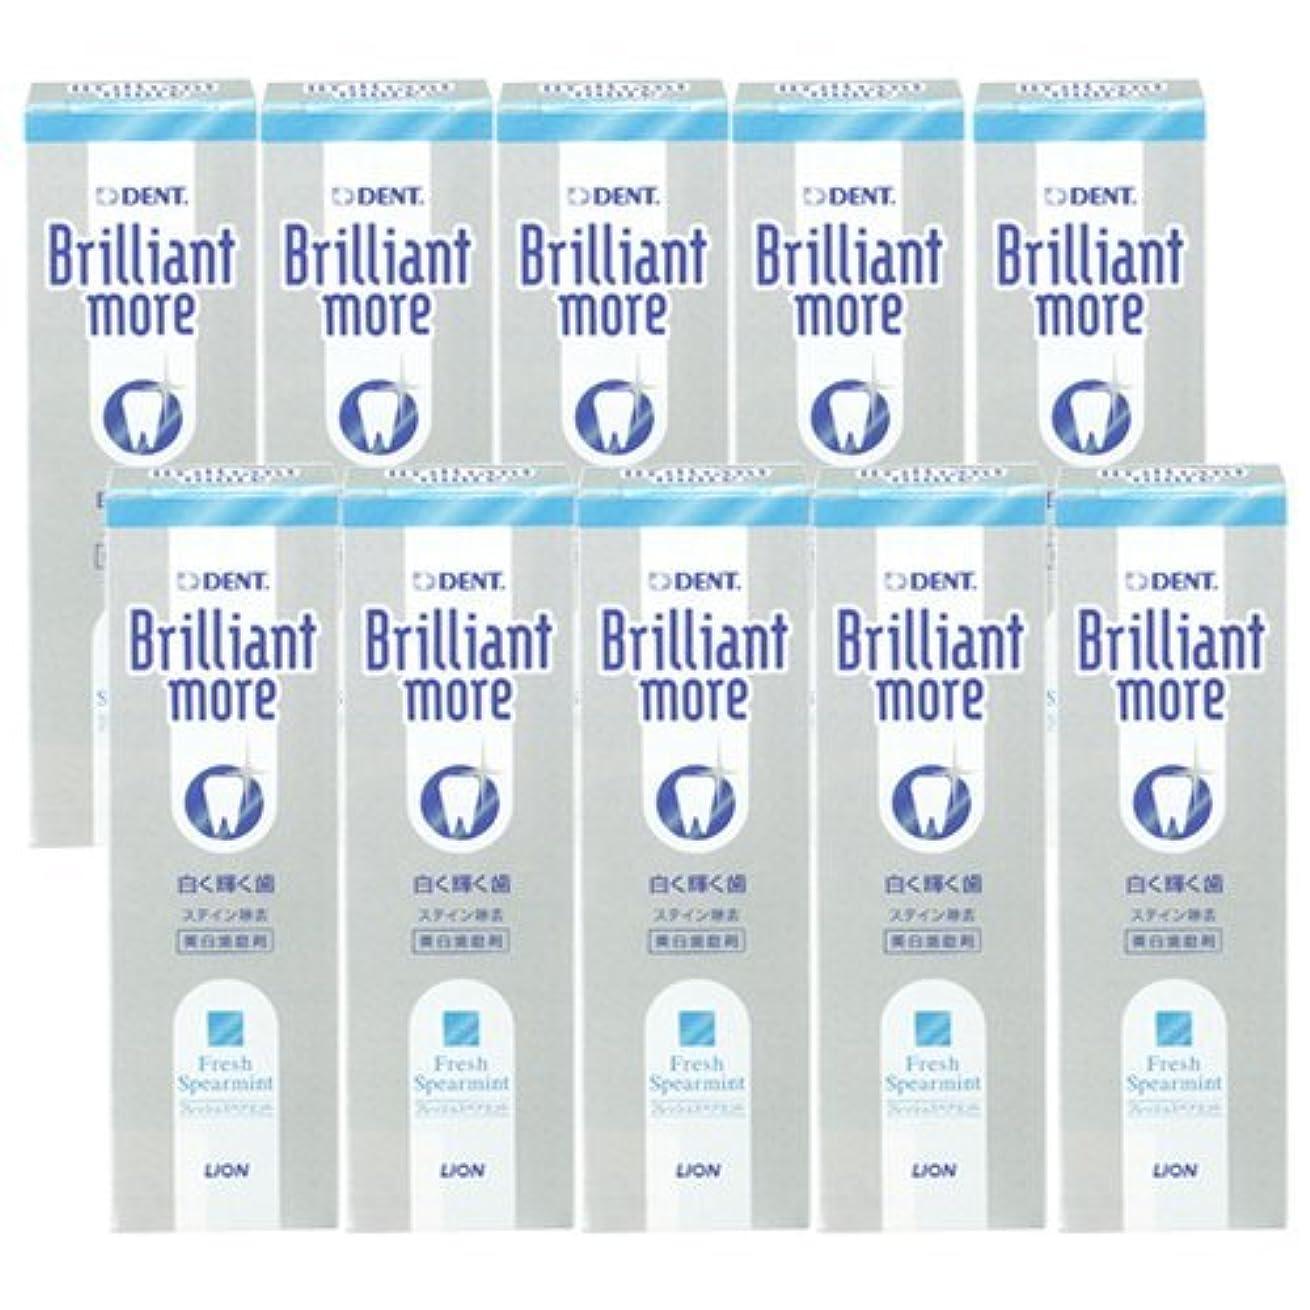 少数対人十ライオン ブリリアントモア フレッシュスペアミント 美白歯磨剤 LION Brilliant more 10本セット